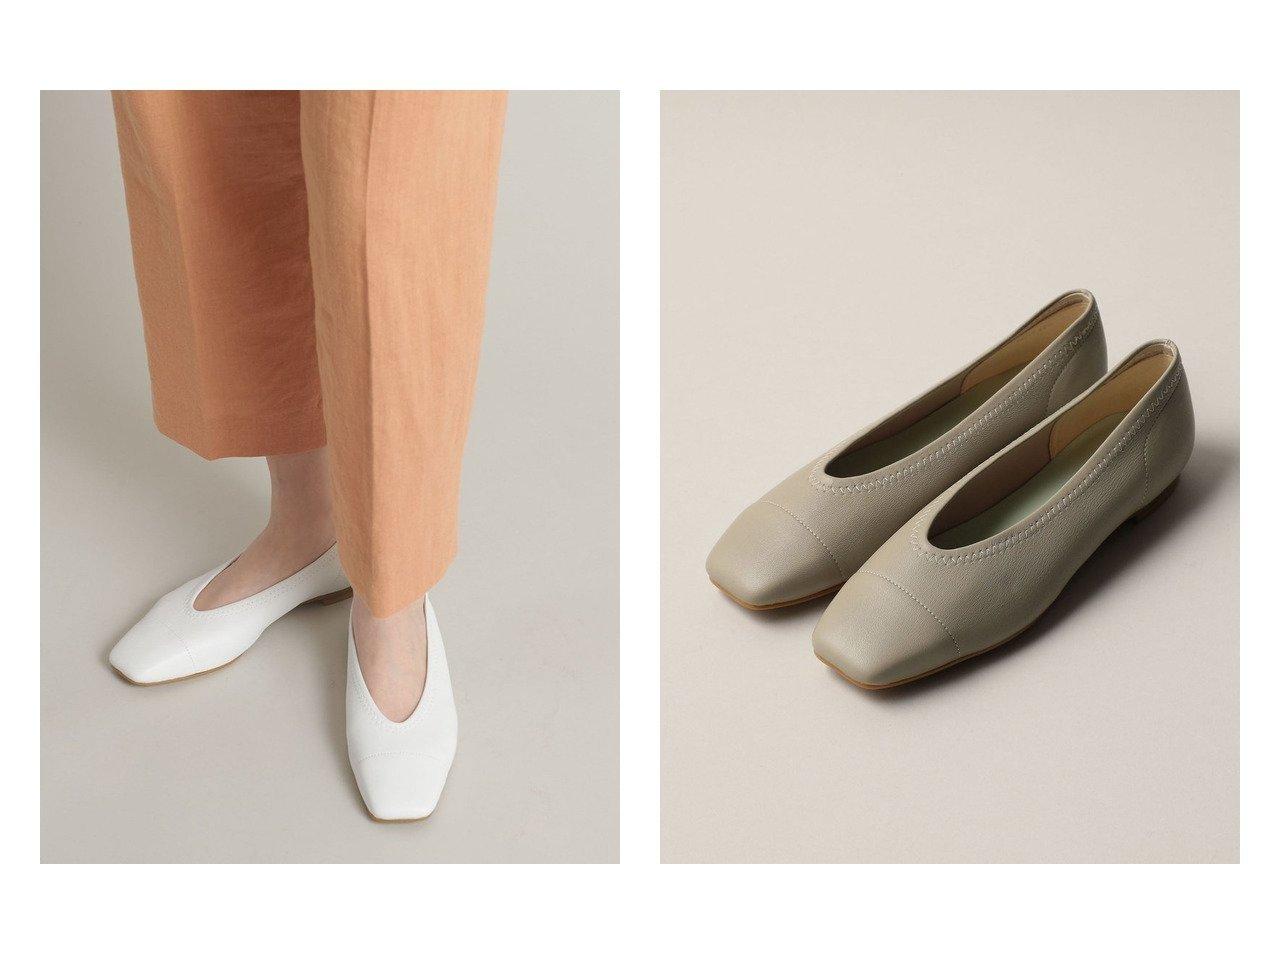 【Odette e Odile/オデット エ オディール】のOFC スクエアストレッチ FLT10↓↑ 【シューズ・靴】おすすめ!人気、トレンド・レディースファッションの通販 おすすめで人気の流行・トレンド、ファッションの通販商品 インテリア・家具・メンズファッション・キッズファッション・レディースファッション・服の通販 founy(ファニー) https://founy.com/ ファッション Fashion レディースファッション WOMEN シューズ スクエア ストレッチ フラット リラックス |ID:crp329100000051253